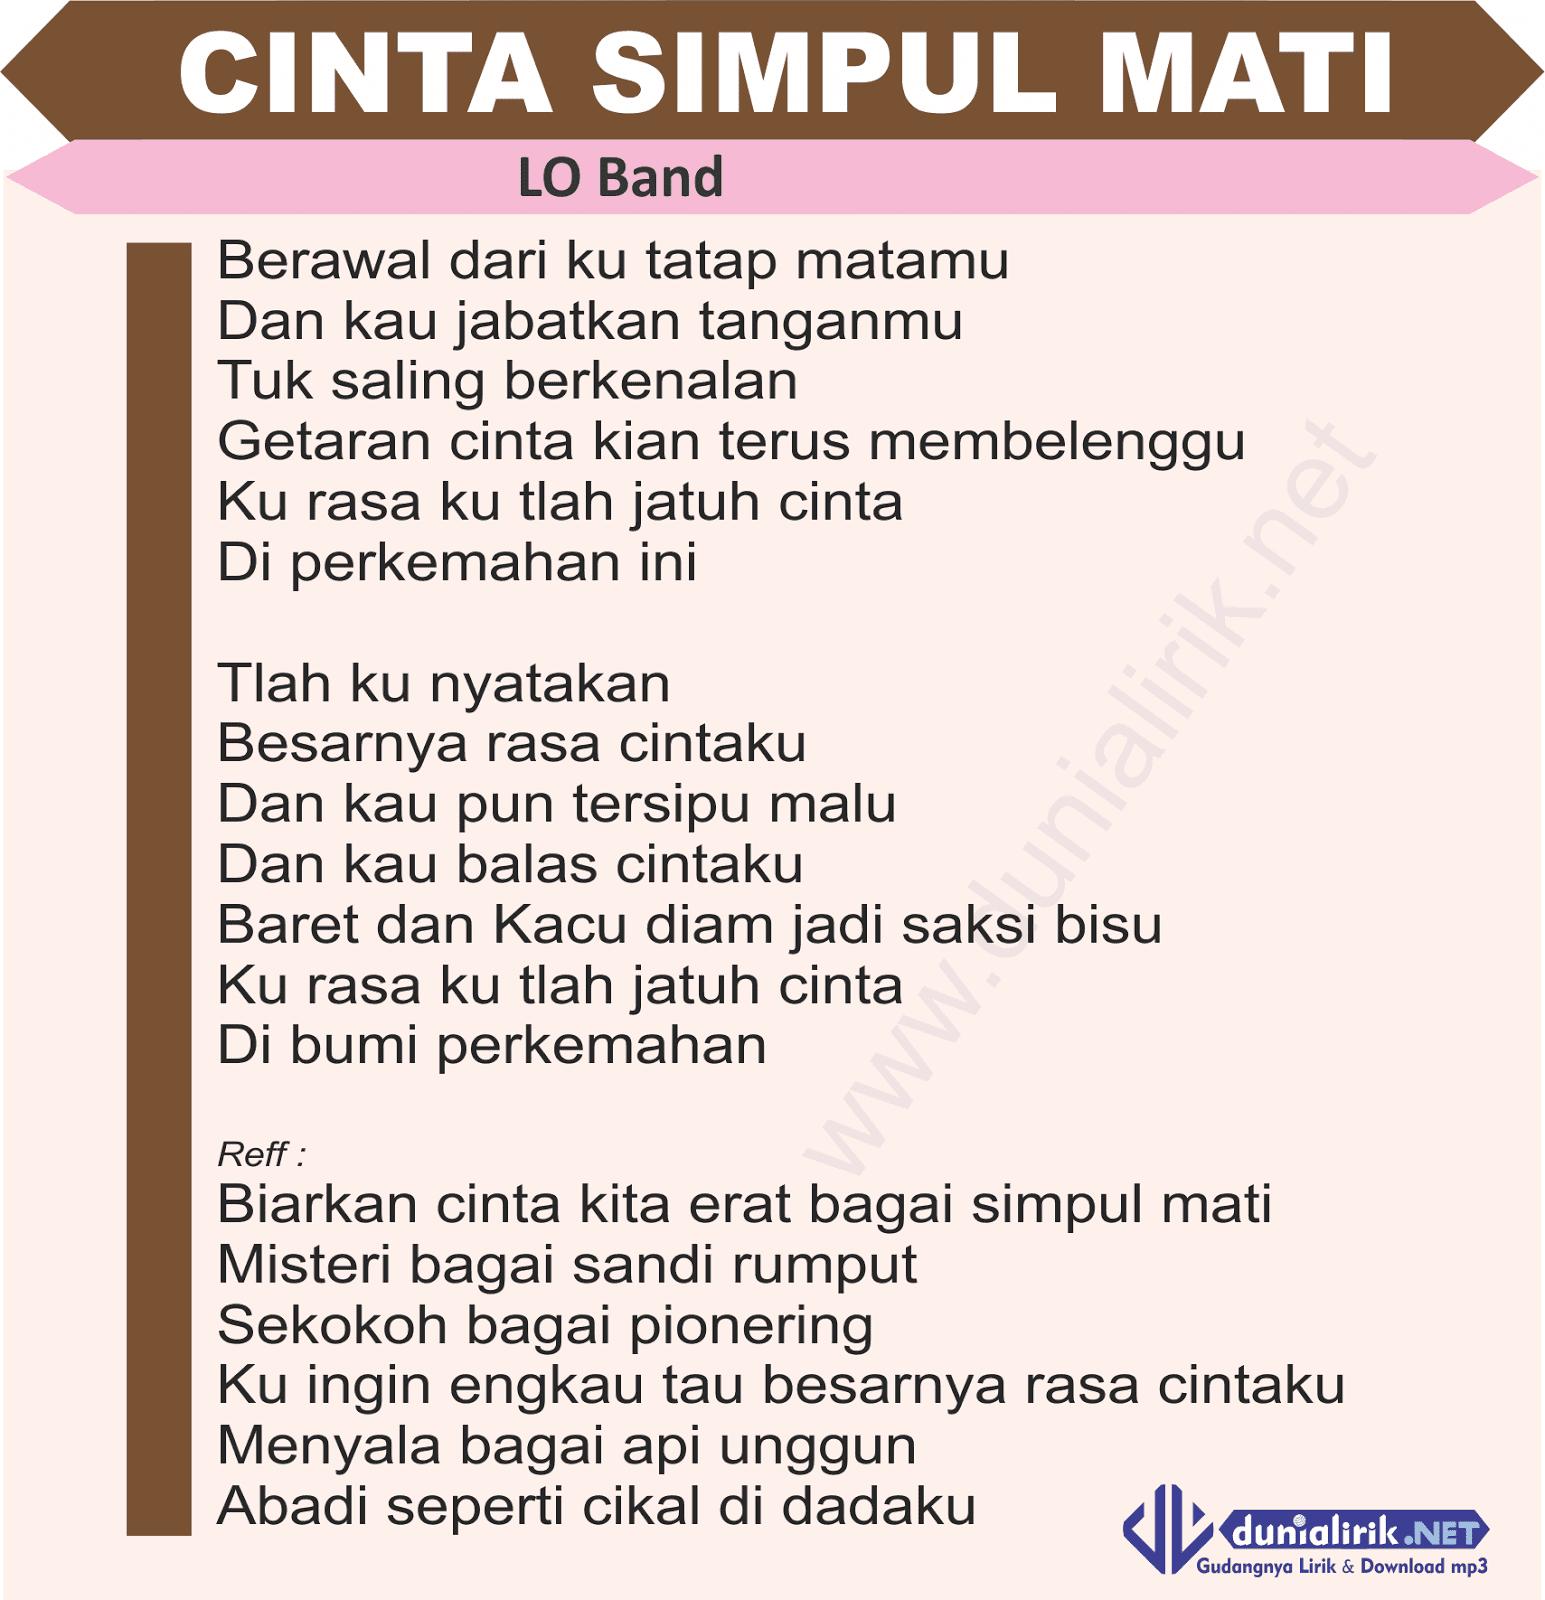 Download Lagu Deen Assalam: Lirik Lagu Cinta Simpul Mati LO Band- Lagu Pramuka Tentang